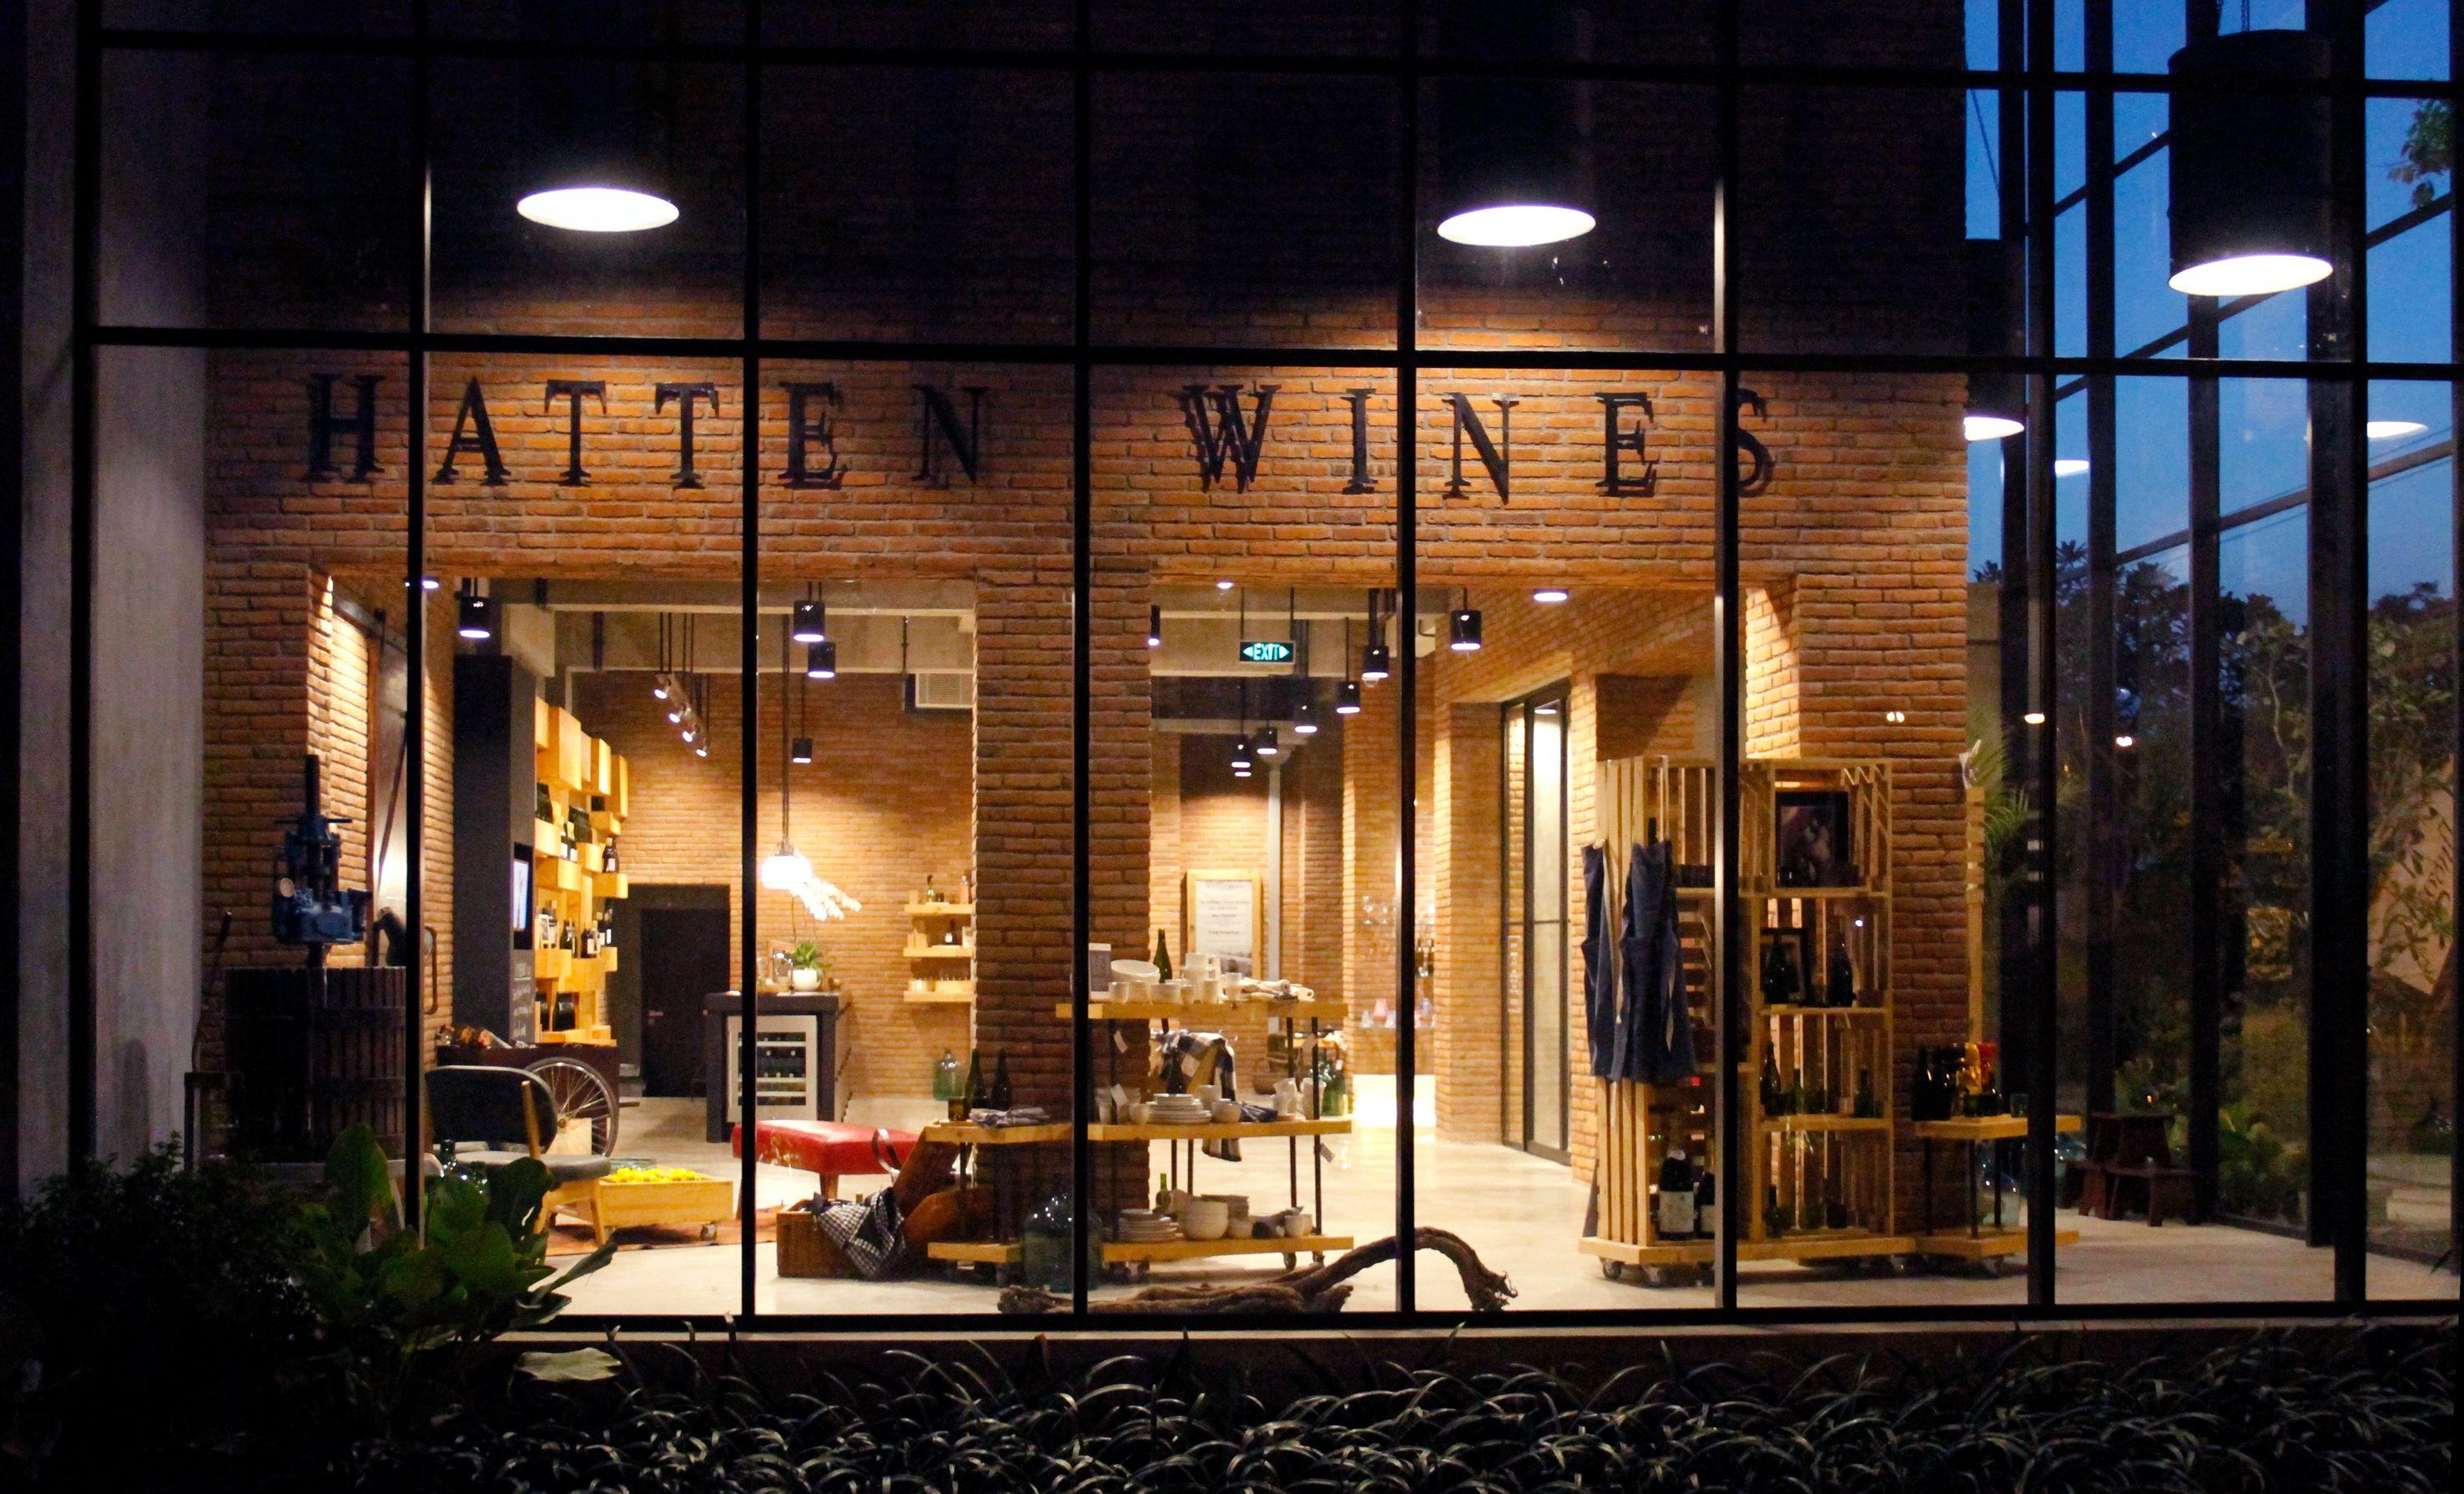 14 Best Hatten Wines Building Images On Pinterest - Wines,